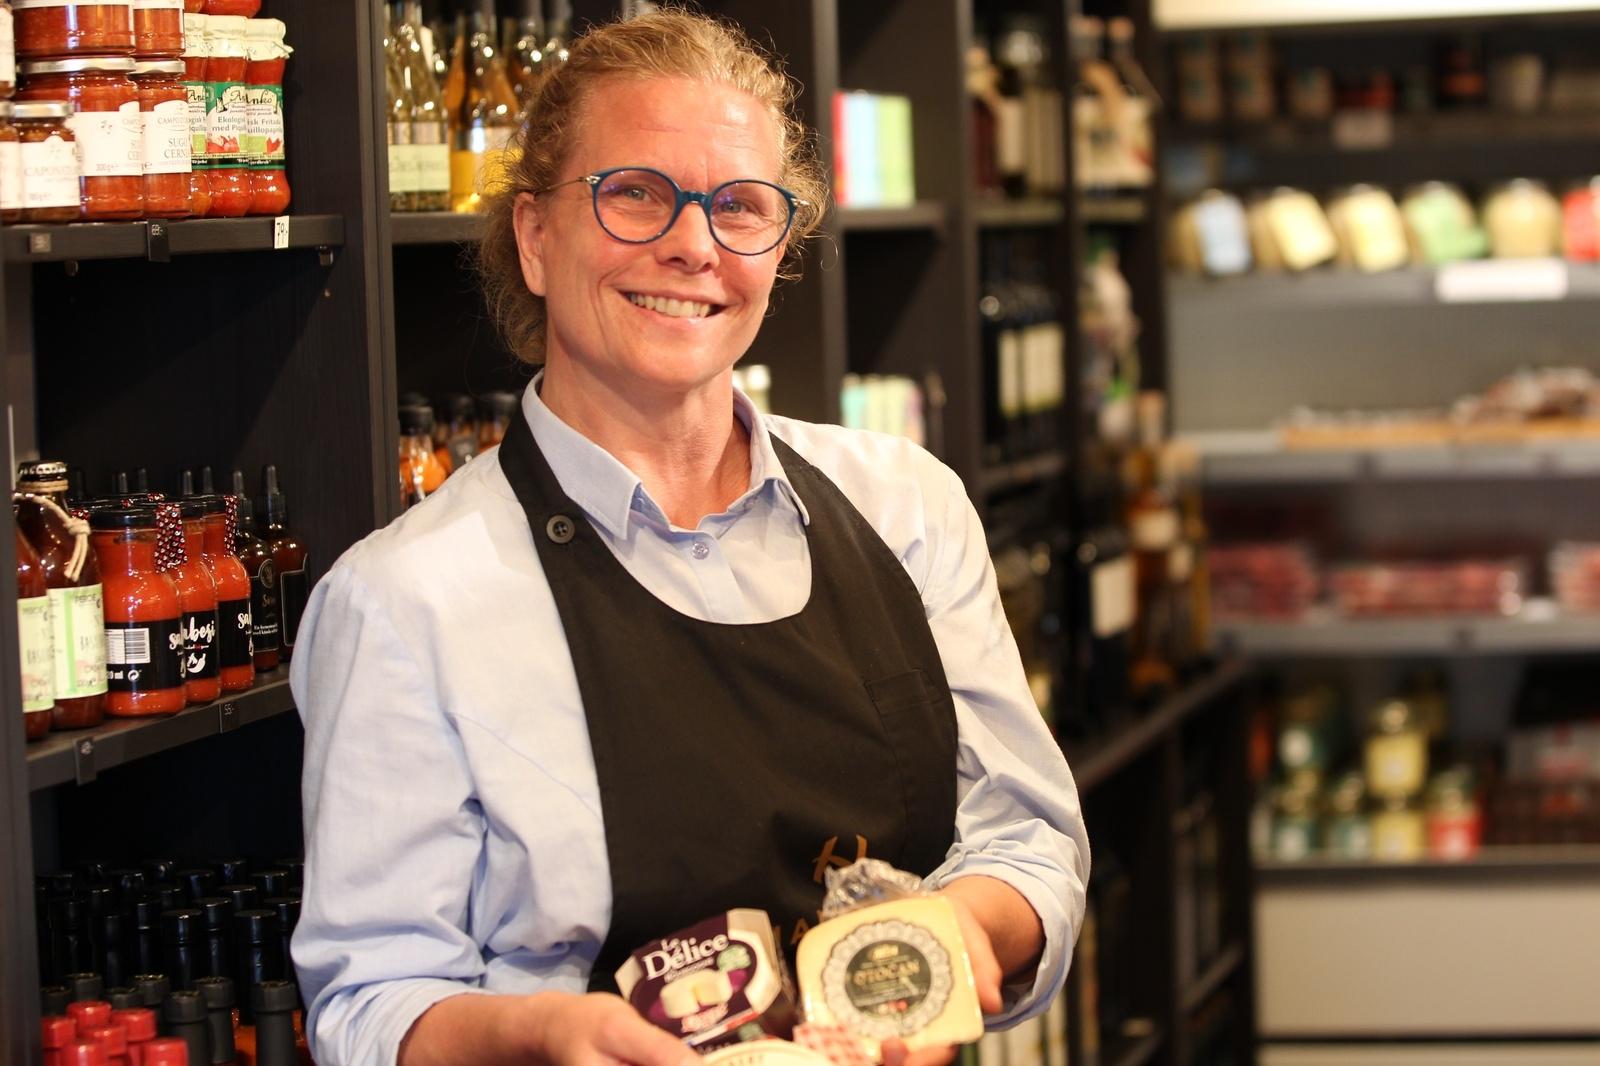 Jennifer Ehnemark arbetar i delikatessbutiken i anslutning till hotellet. En butik med målet att 20% av produkterna i butiken ska komma från olika Ölänska producenter och mathantverkare.